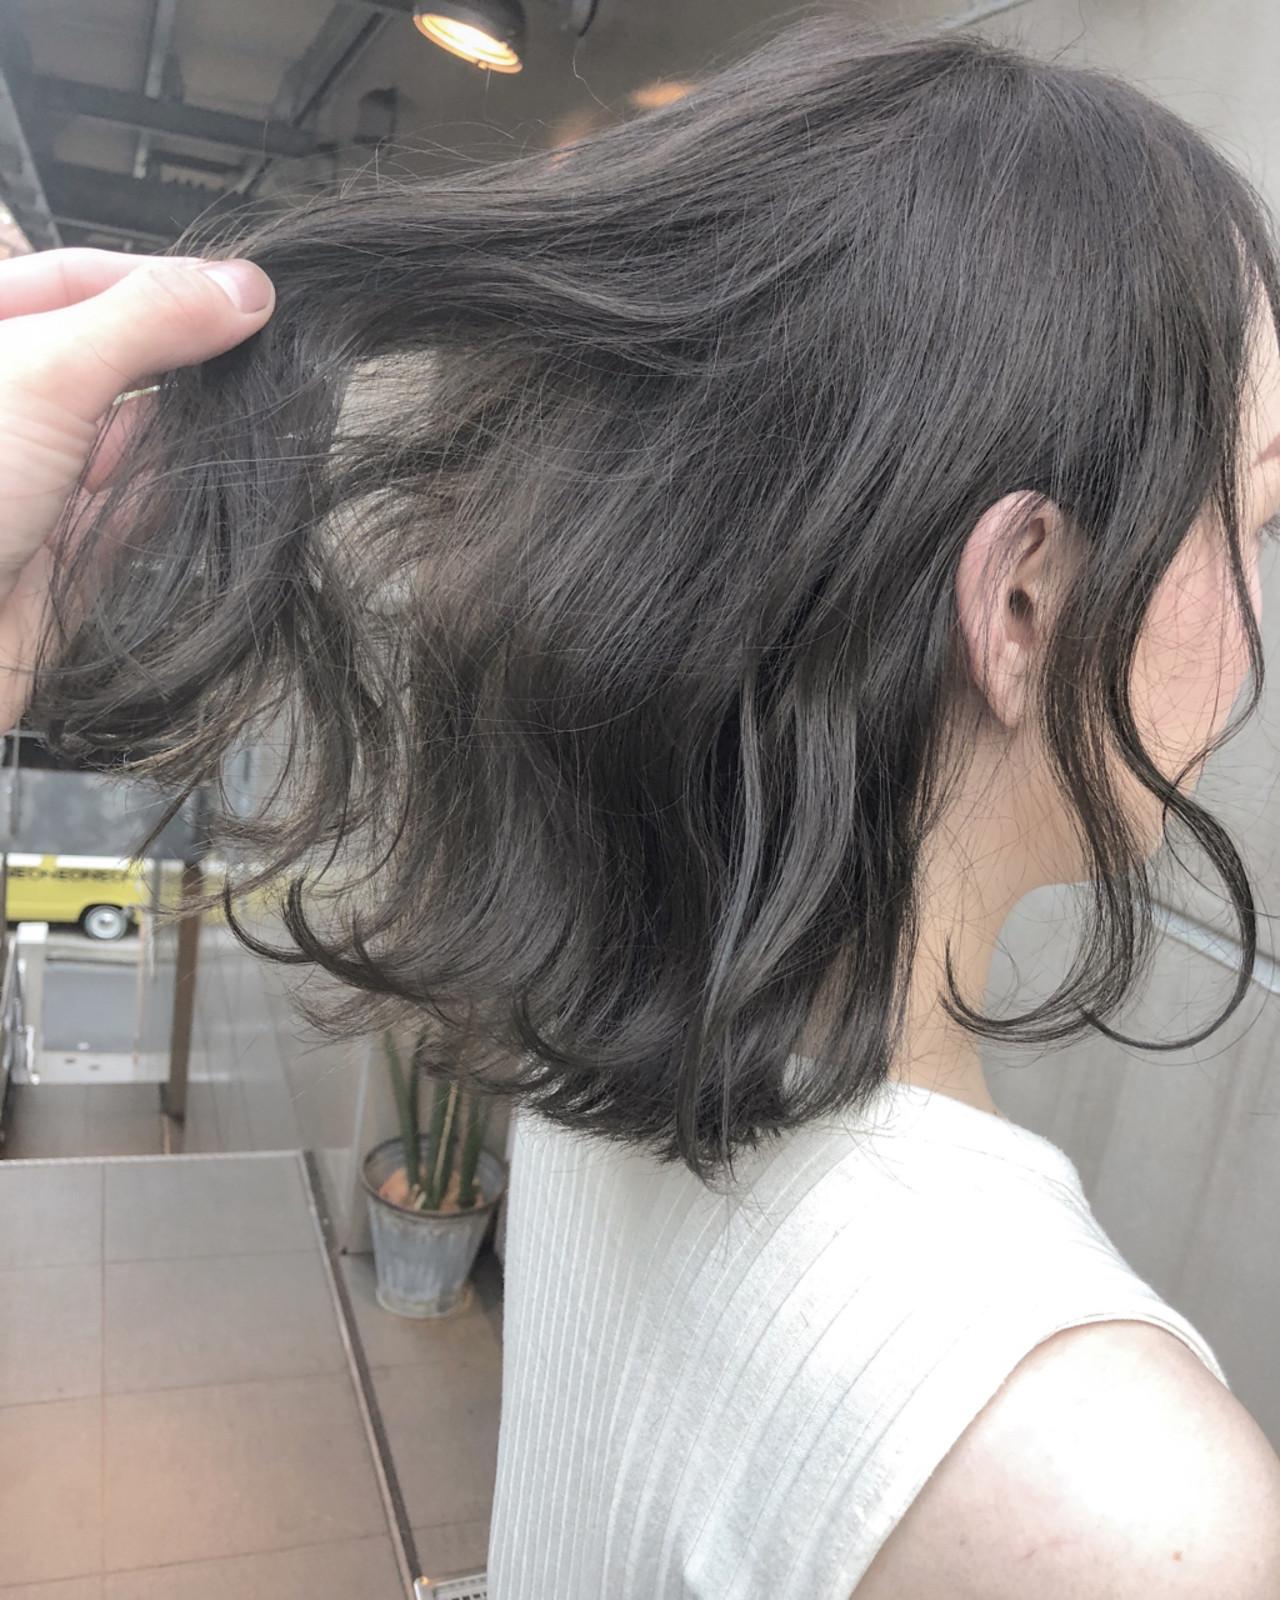 オフィス ボブ ナチュラル ヘアアレンジ ヘアスタイルや髪型の写真・画像 | 北間 寛哉/ KILLA / KILLA 原宿 表参道